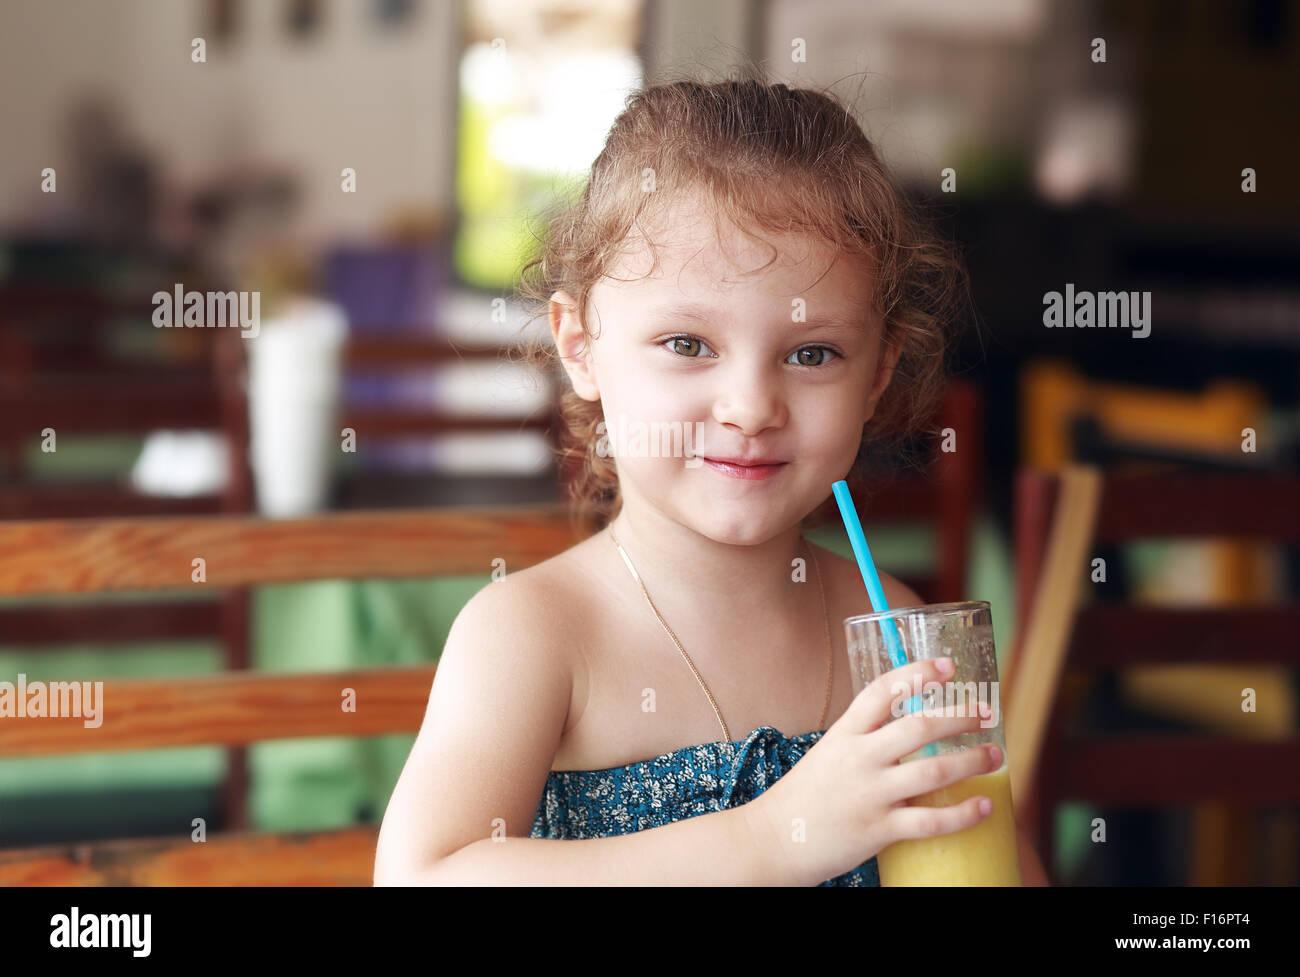 Glücklich lächelnde Kind Mädchen trinken frische Saft aus Glas im café Stockbild